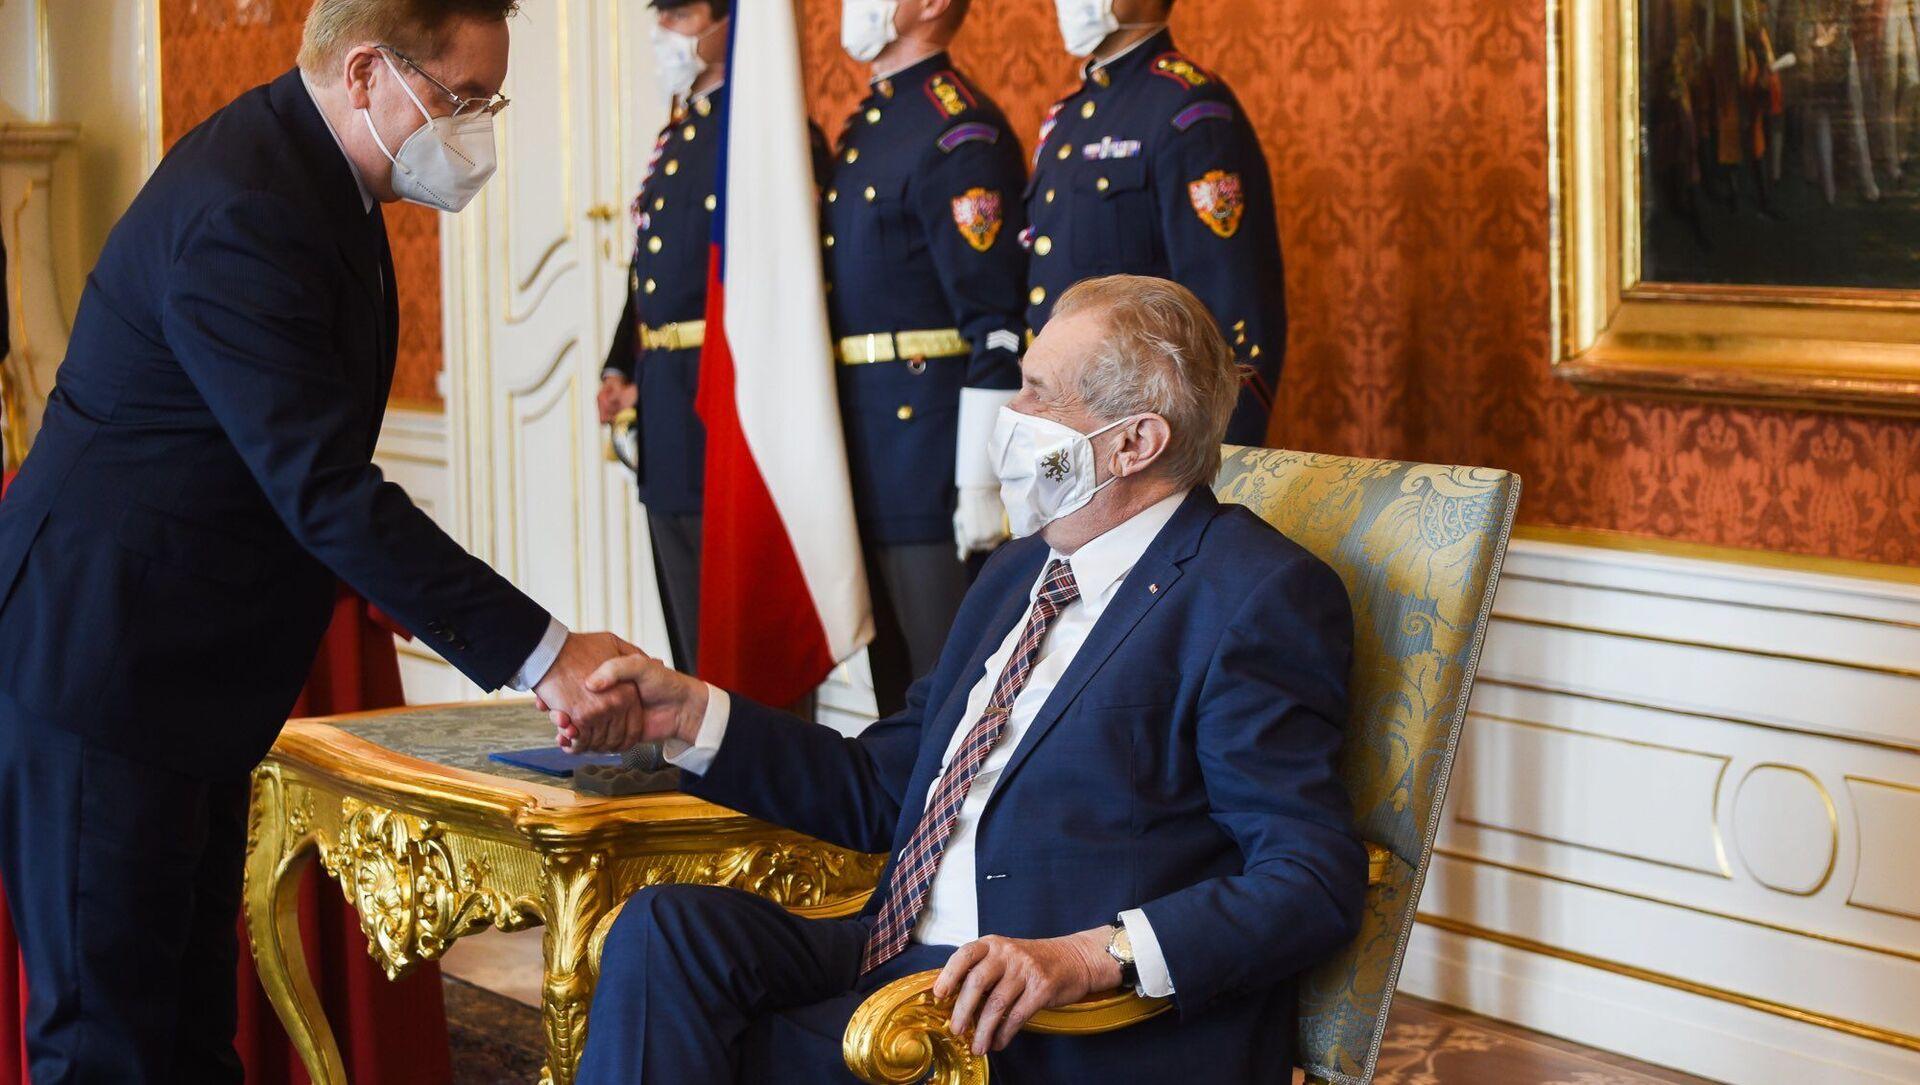 Prezident republiky Miloš Zeman jmenoval Petra Arenbergera ministrem zdravotnictví. - Sputnik Česká republika, 1920, 07.04.2021